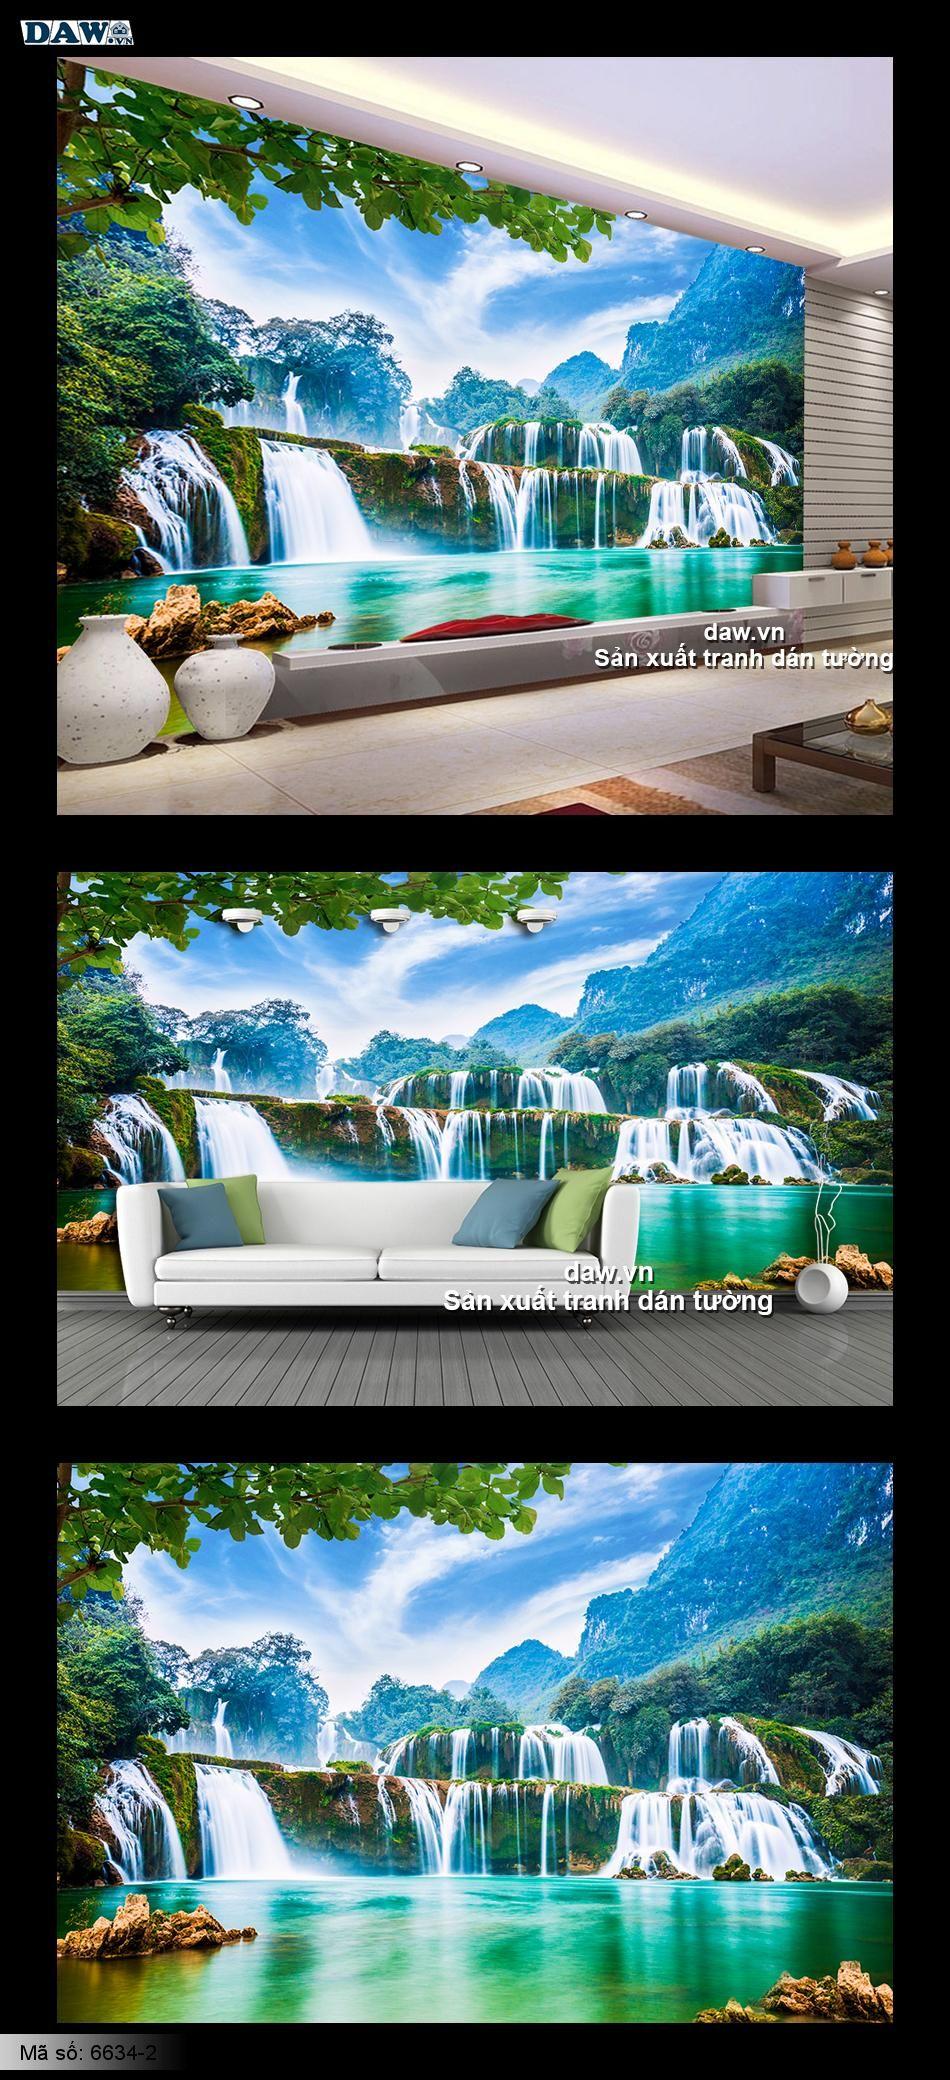 Thác nước đẹp | tranh dán tường thác nước, thác bản giốc 6634-2